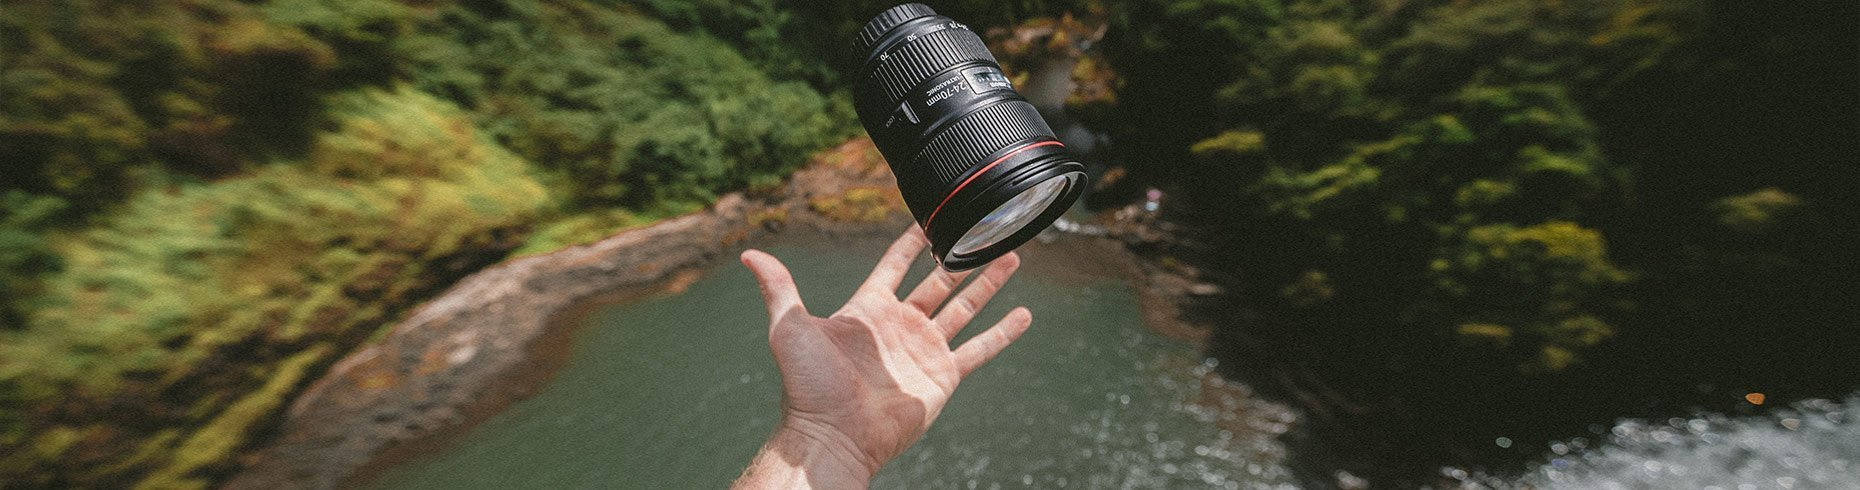 Nuovi modi per guadagnare con la fotografia